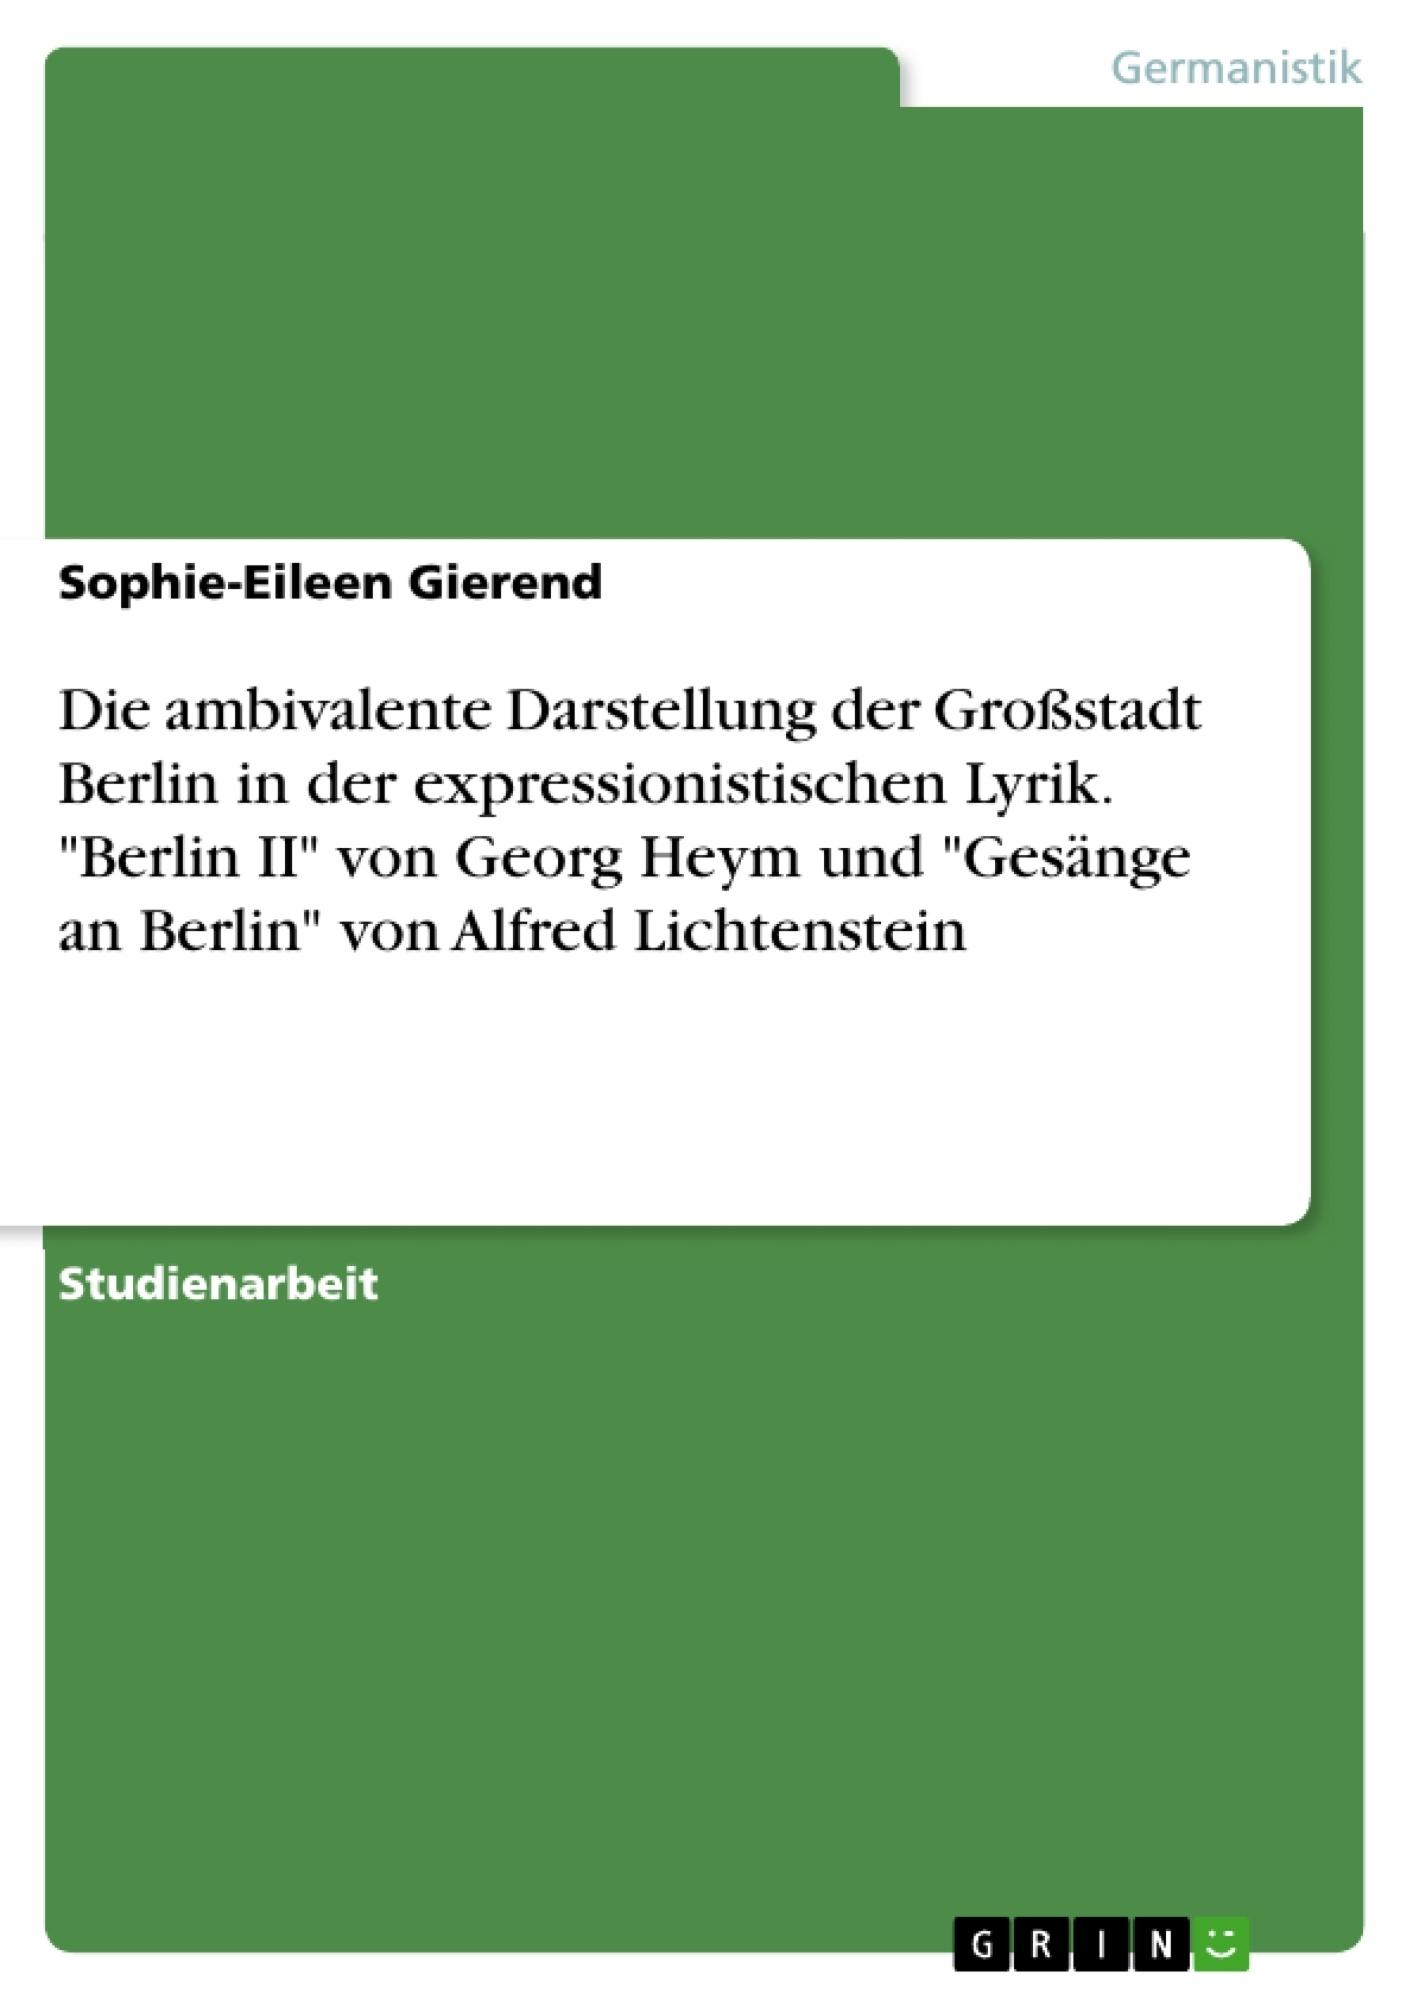 """Titel: Die ambivalente Darstellung der Großstadt Berlin in der expressionistischen Lyrik. """"Berlin II"""" von Georg Heym und """"Gesänge an Berlin"""" von Alfred Lichtenstein"""